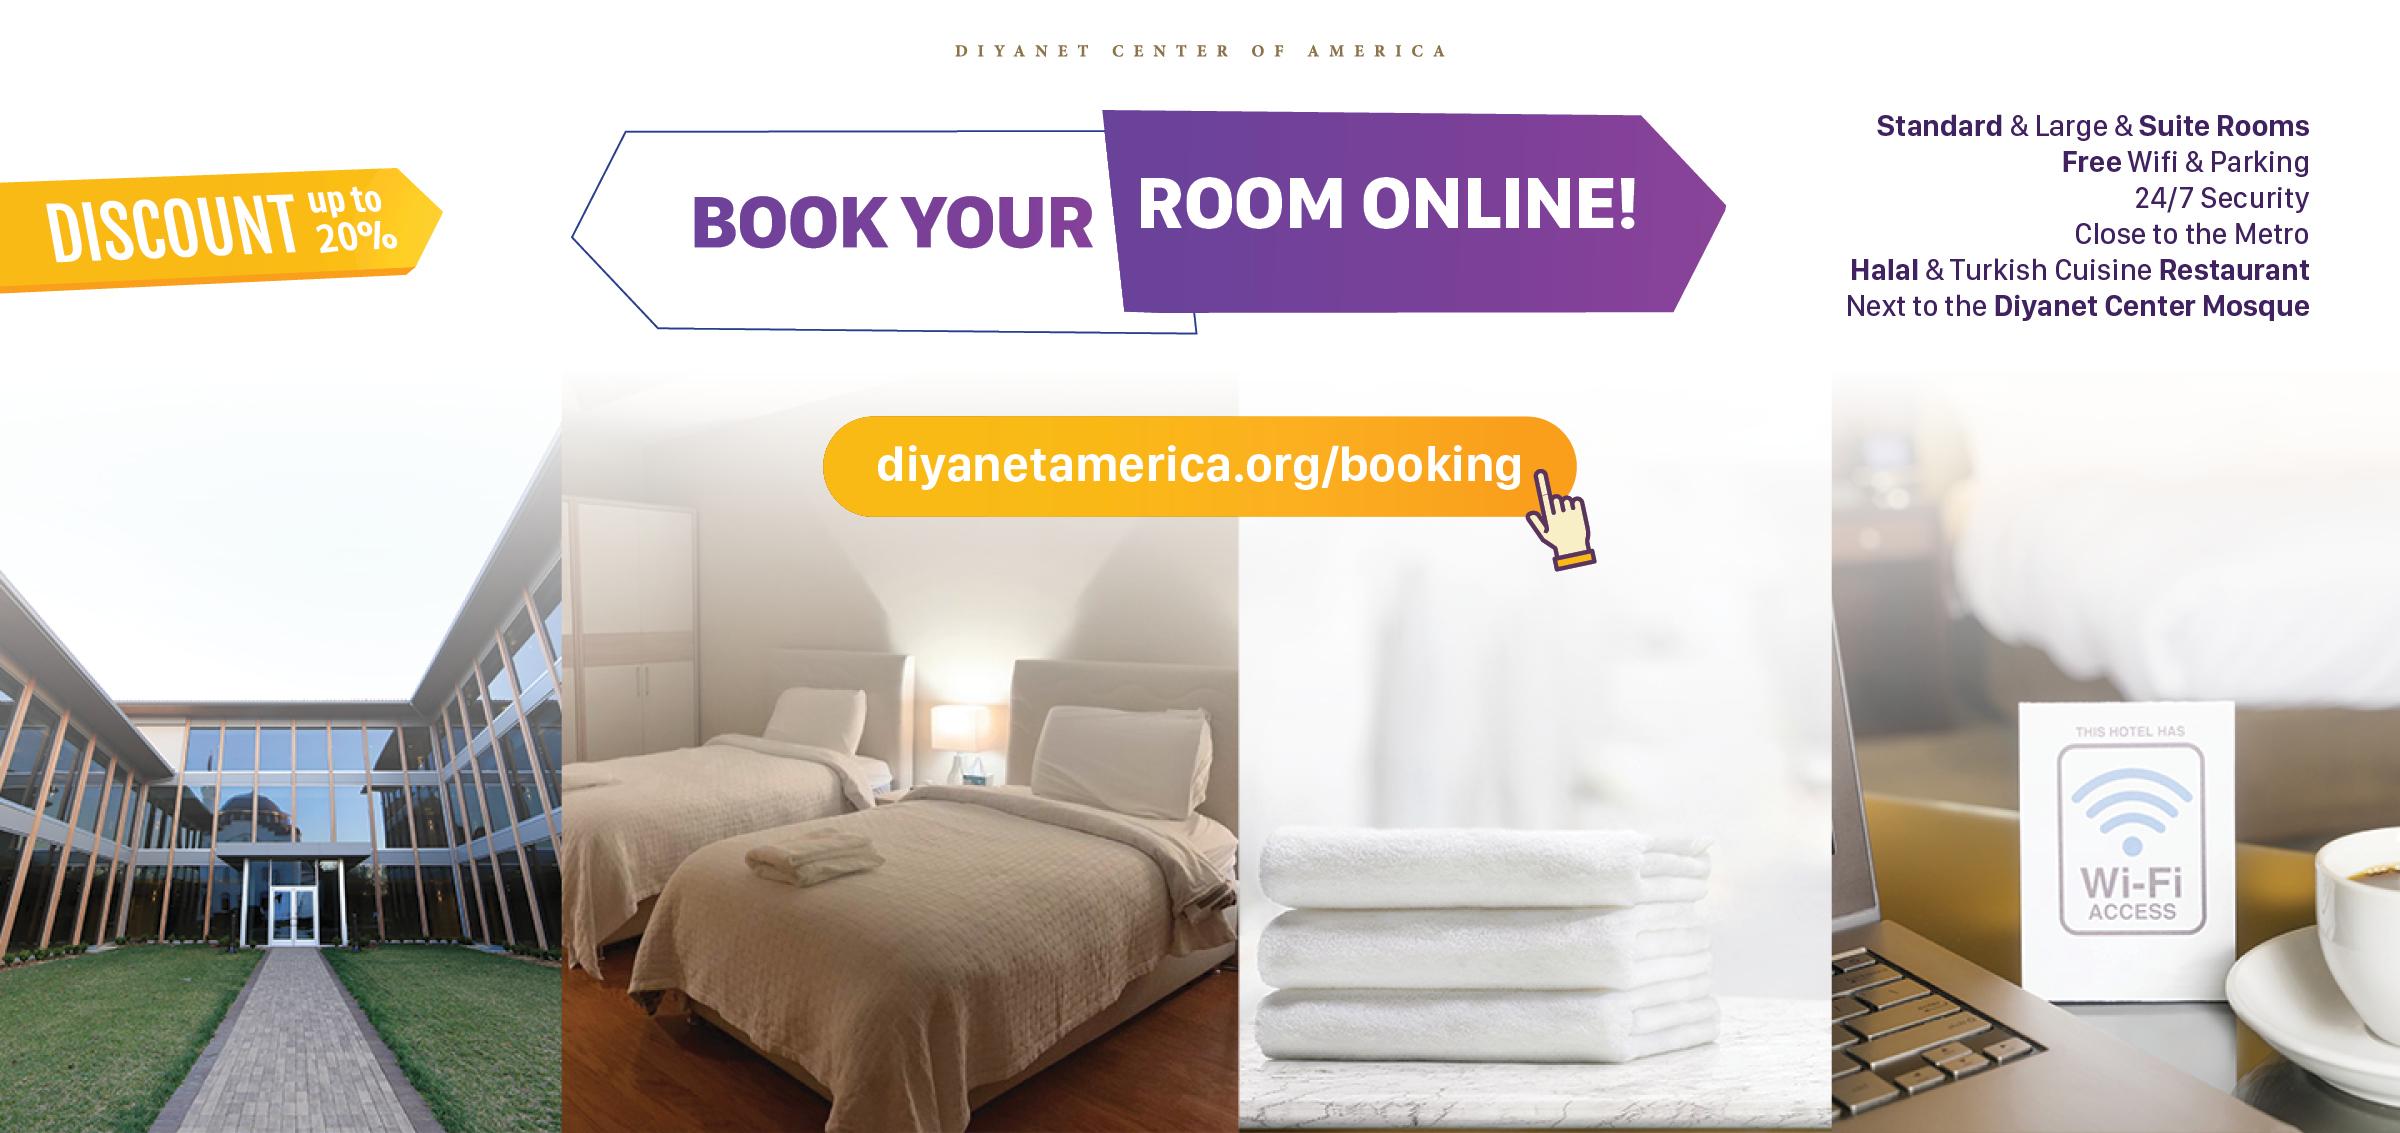 dca-online-booking-21